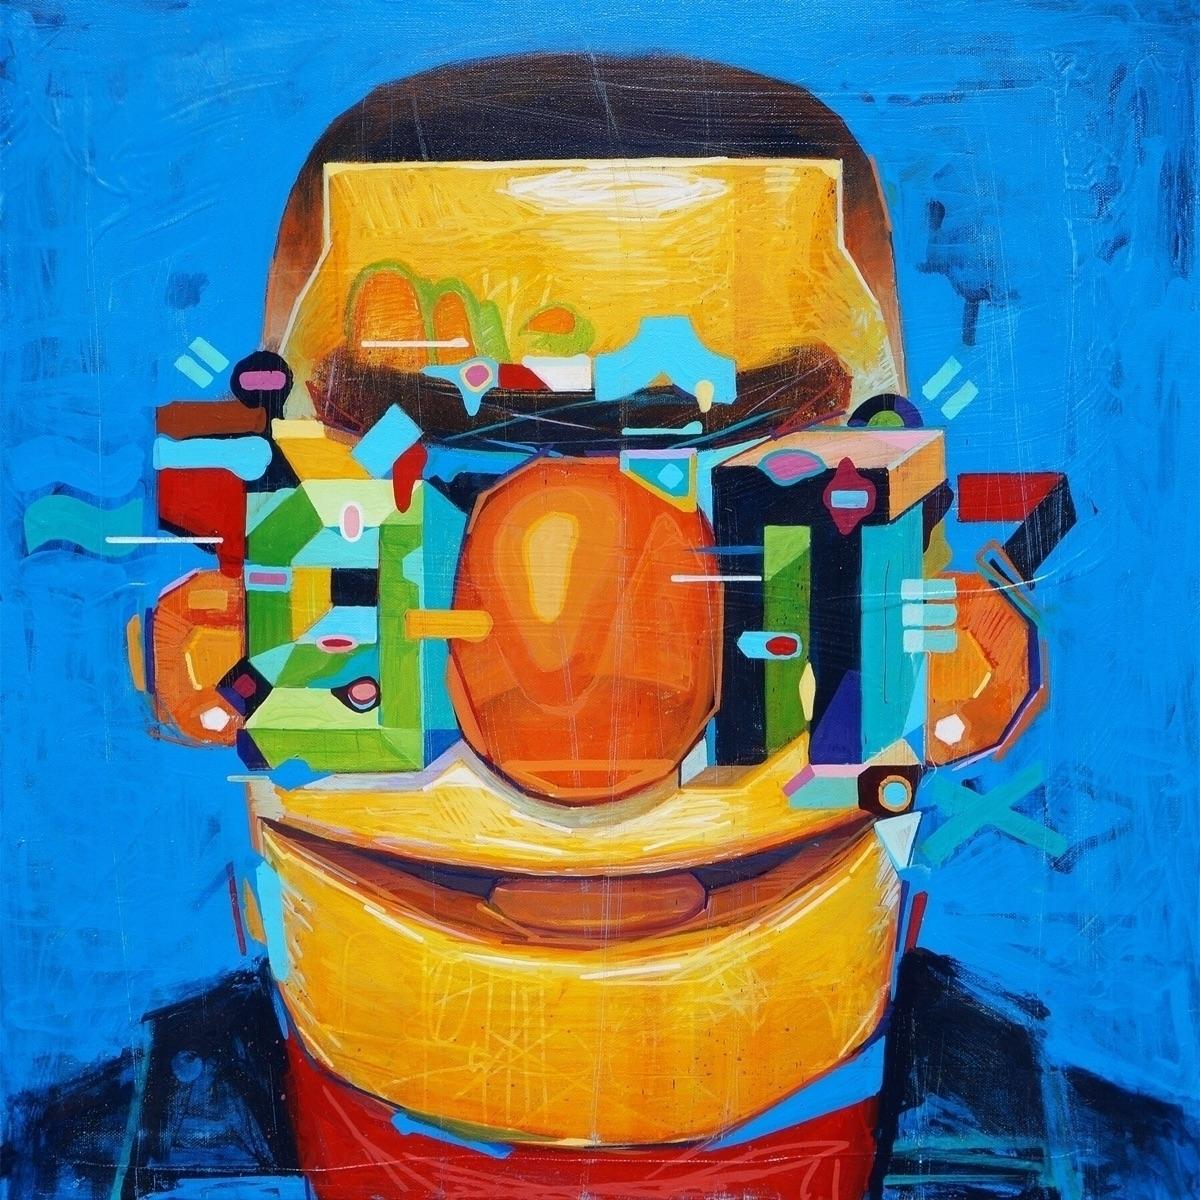 Bert reinterpreted - painting, elloart - samrodriguezart | ello